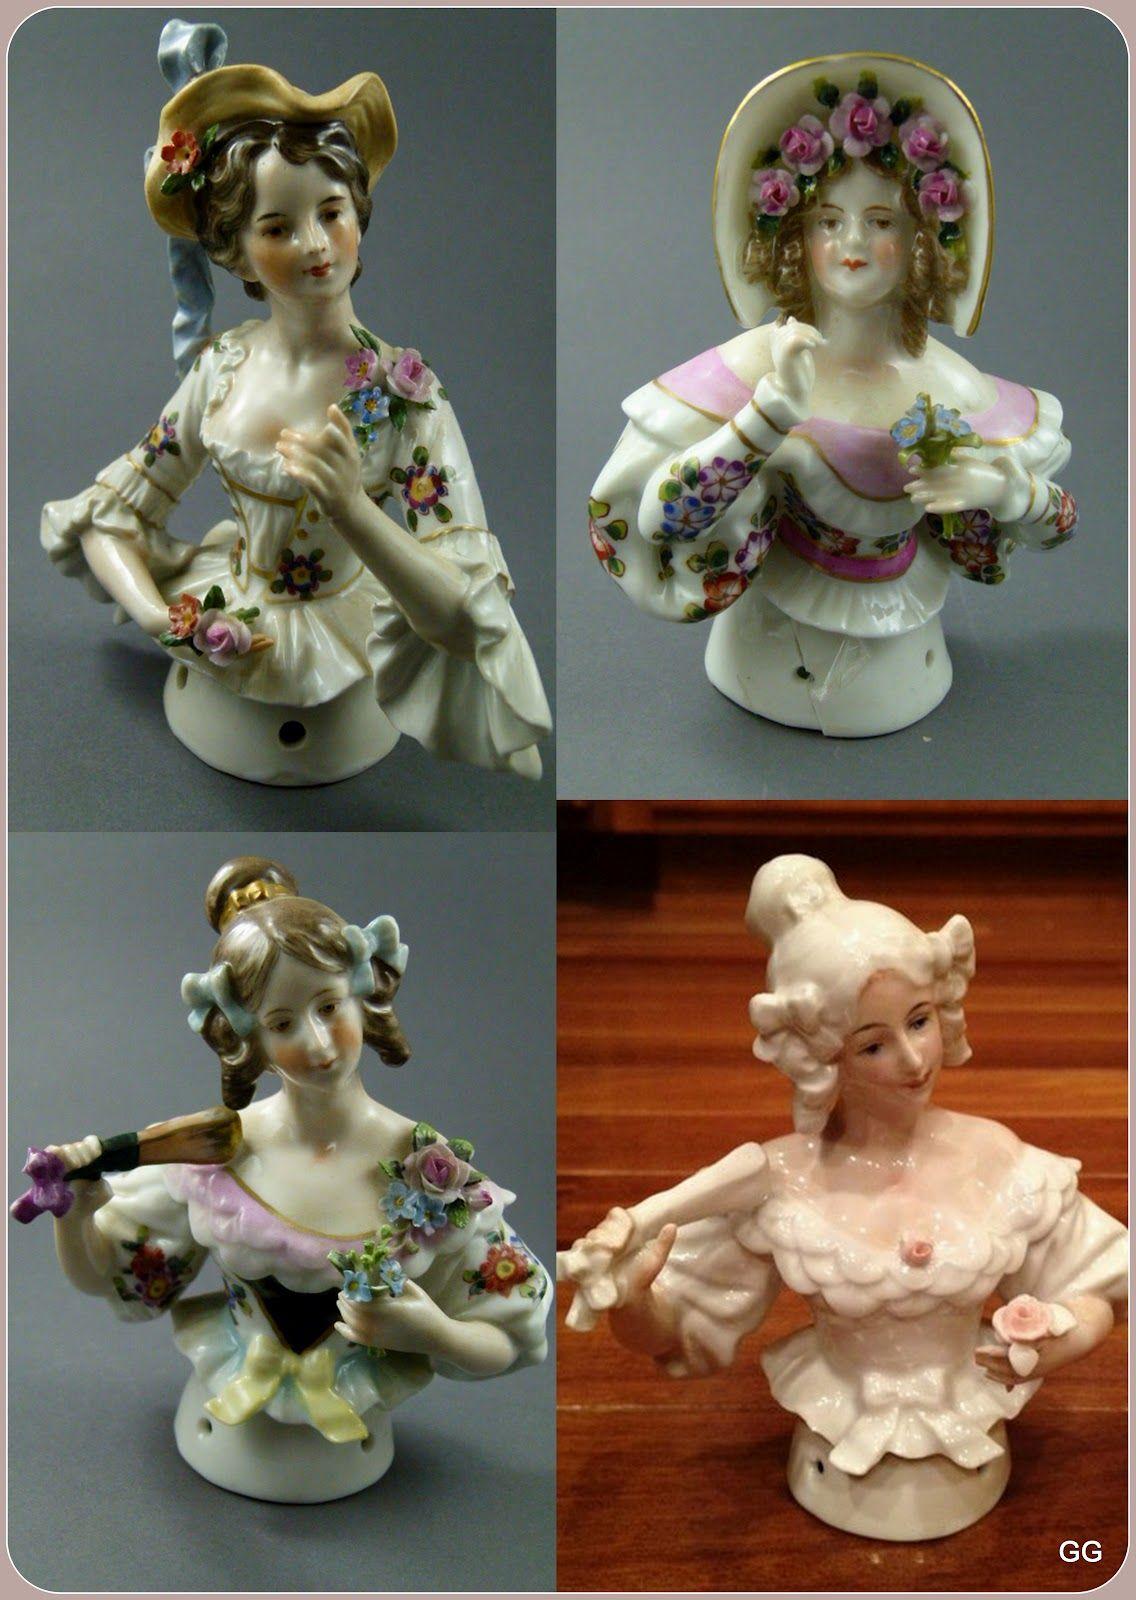 Künstler- & handgemachte Puppen Künstlerpuppen art doll ooak creepy cute baby antique porcelain cup sitter